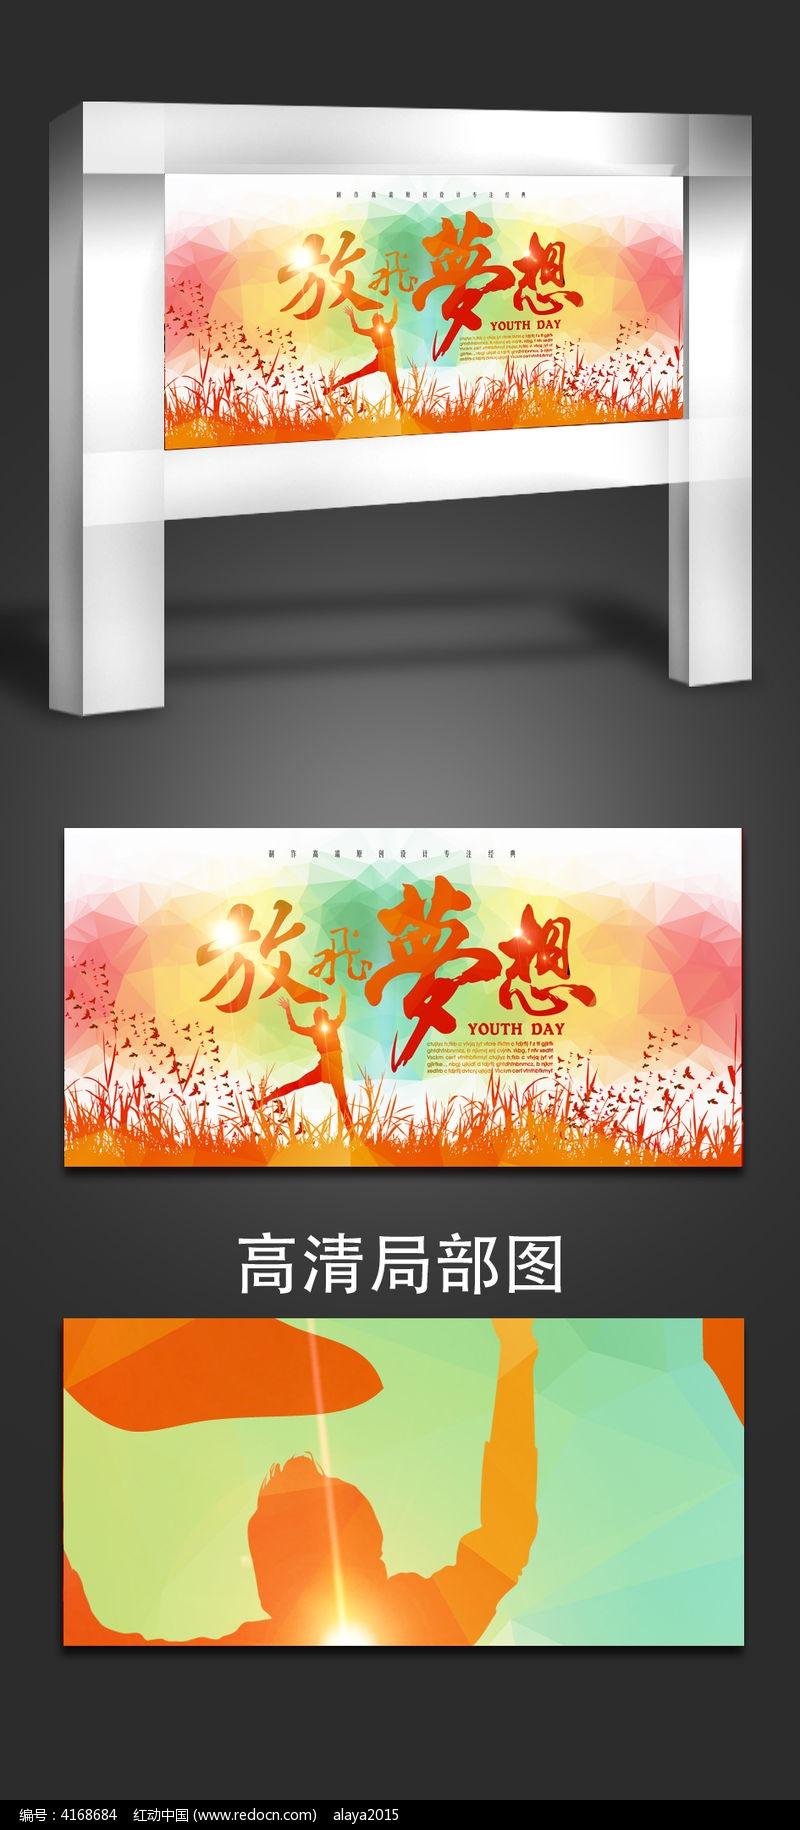 放飞梦想横版青春海报设计